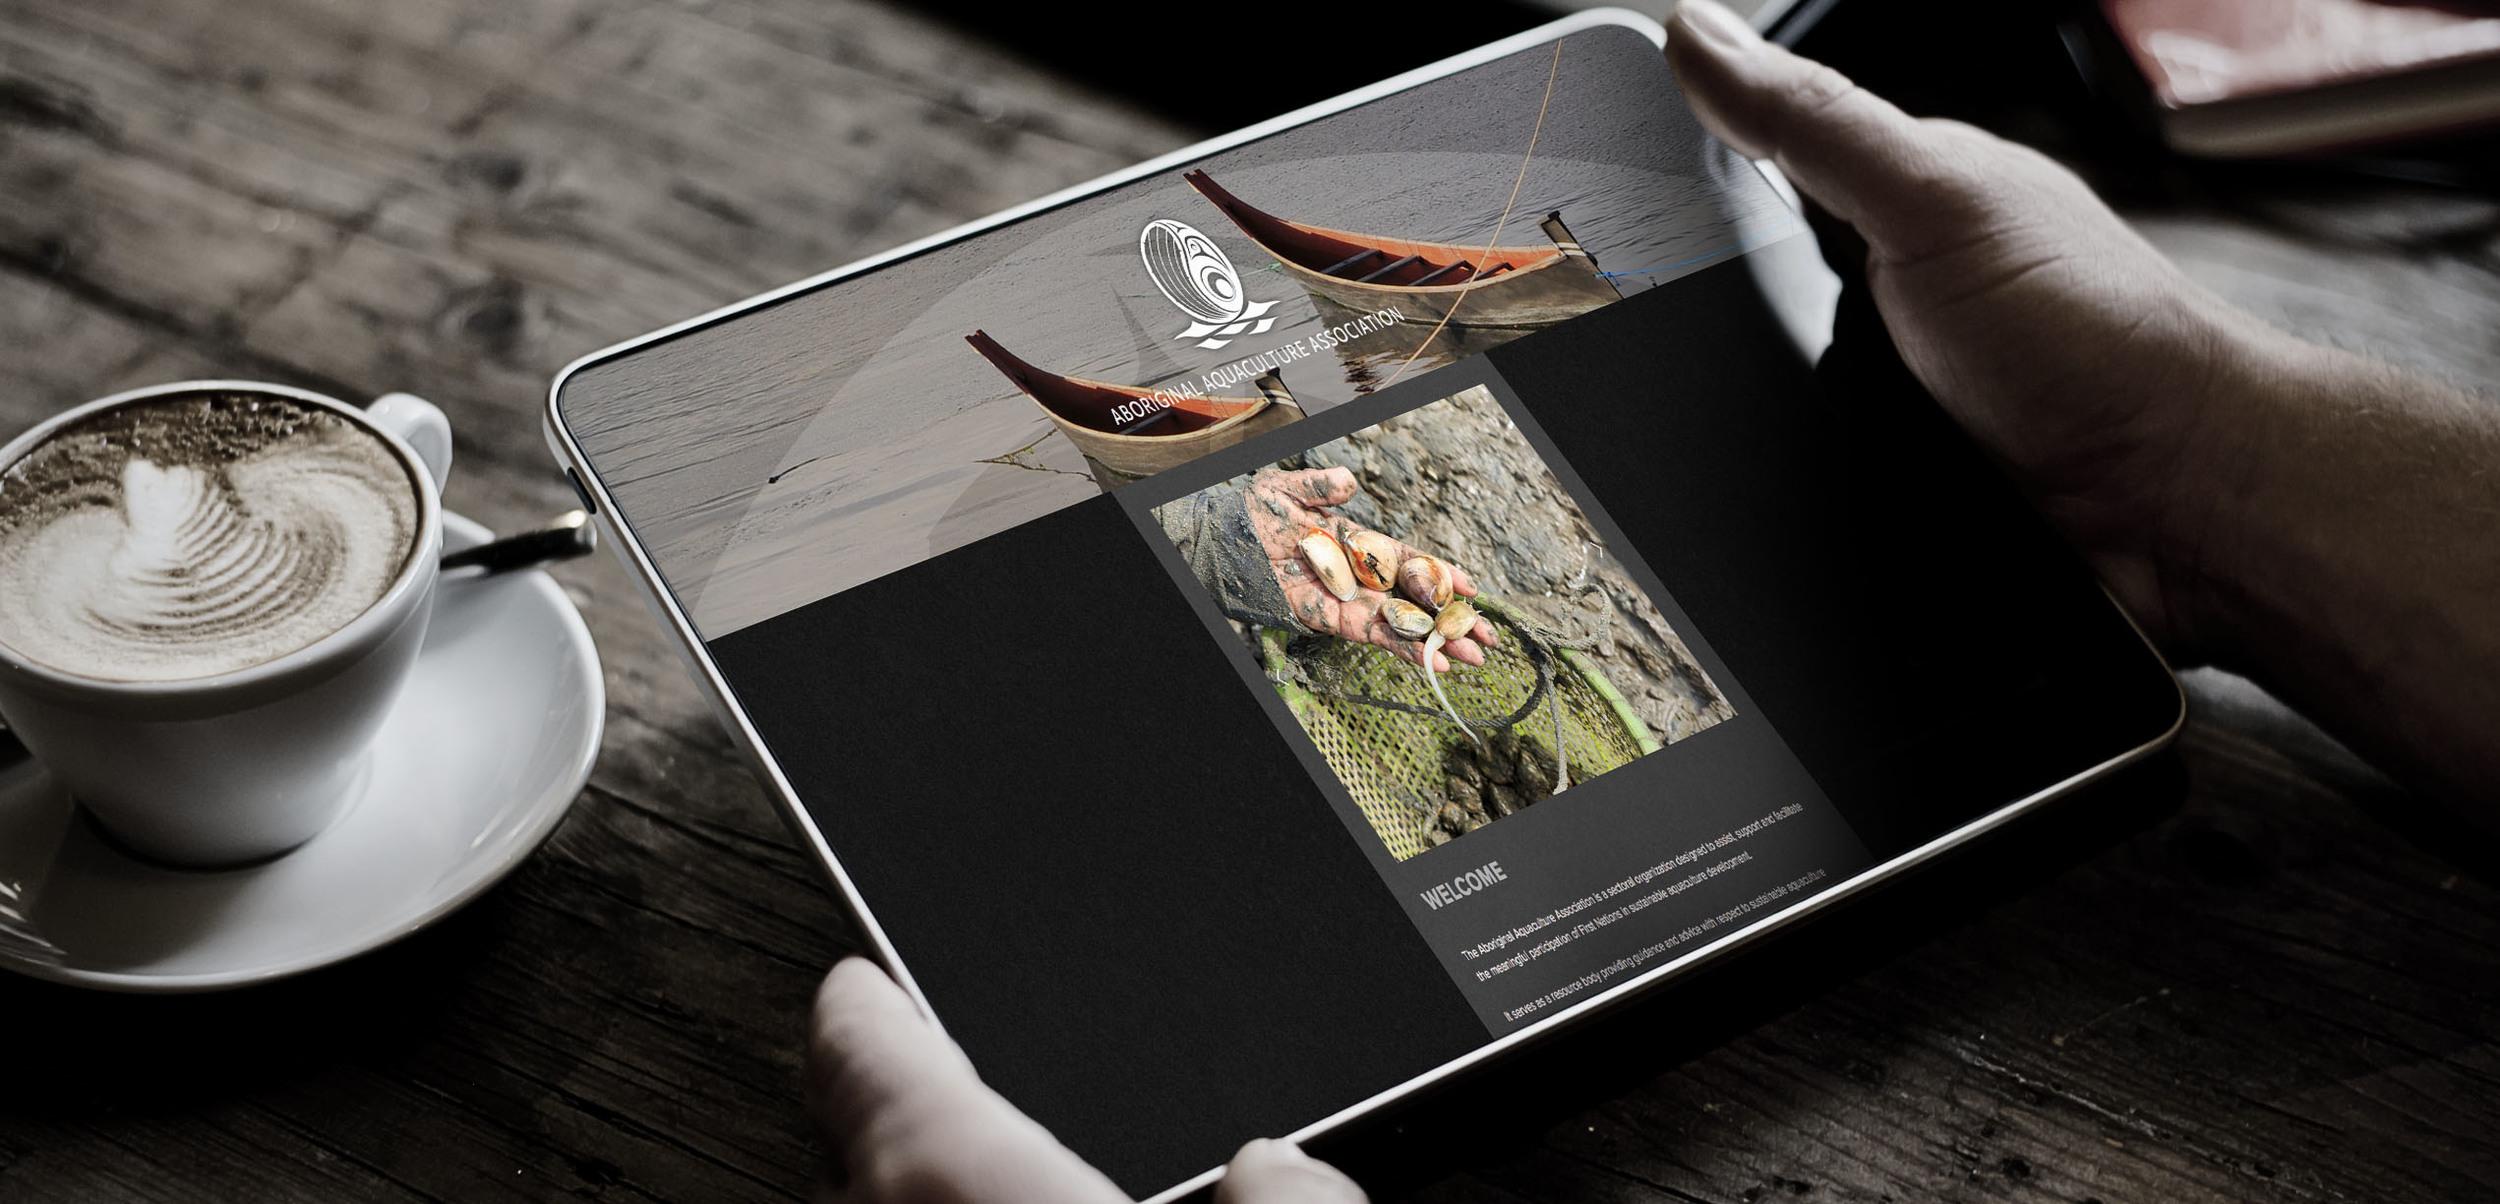 aboriginalaquaculture.com